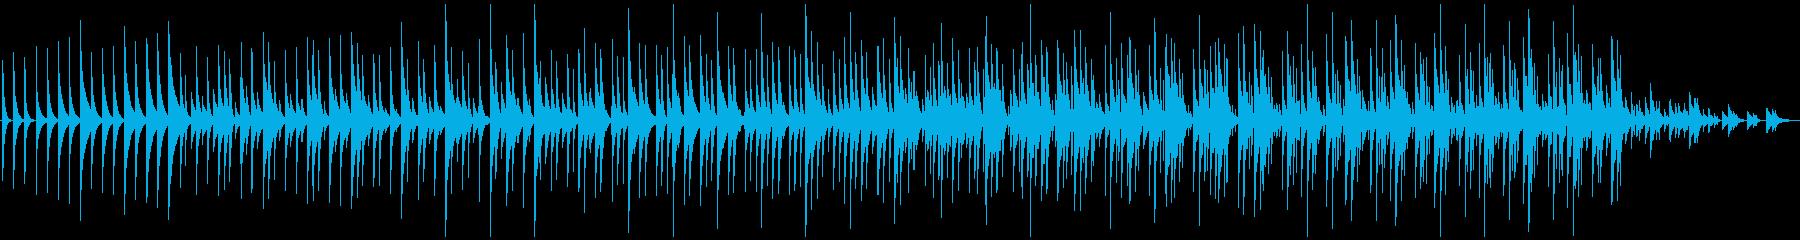 木琴5音階チャイム純正音程版、ミニマルの再生済みの波形